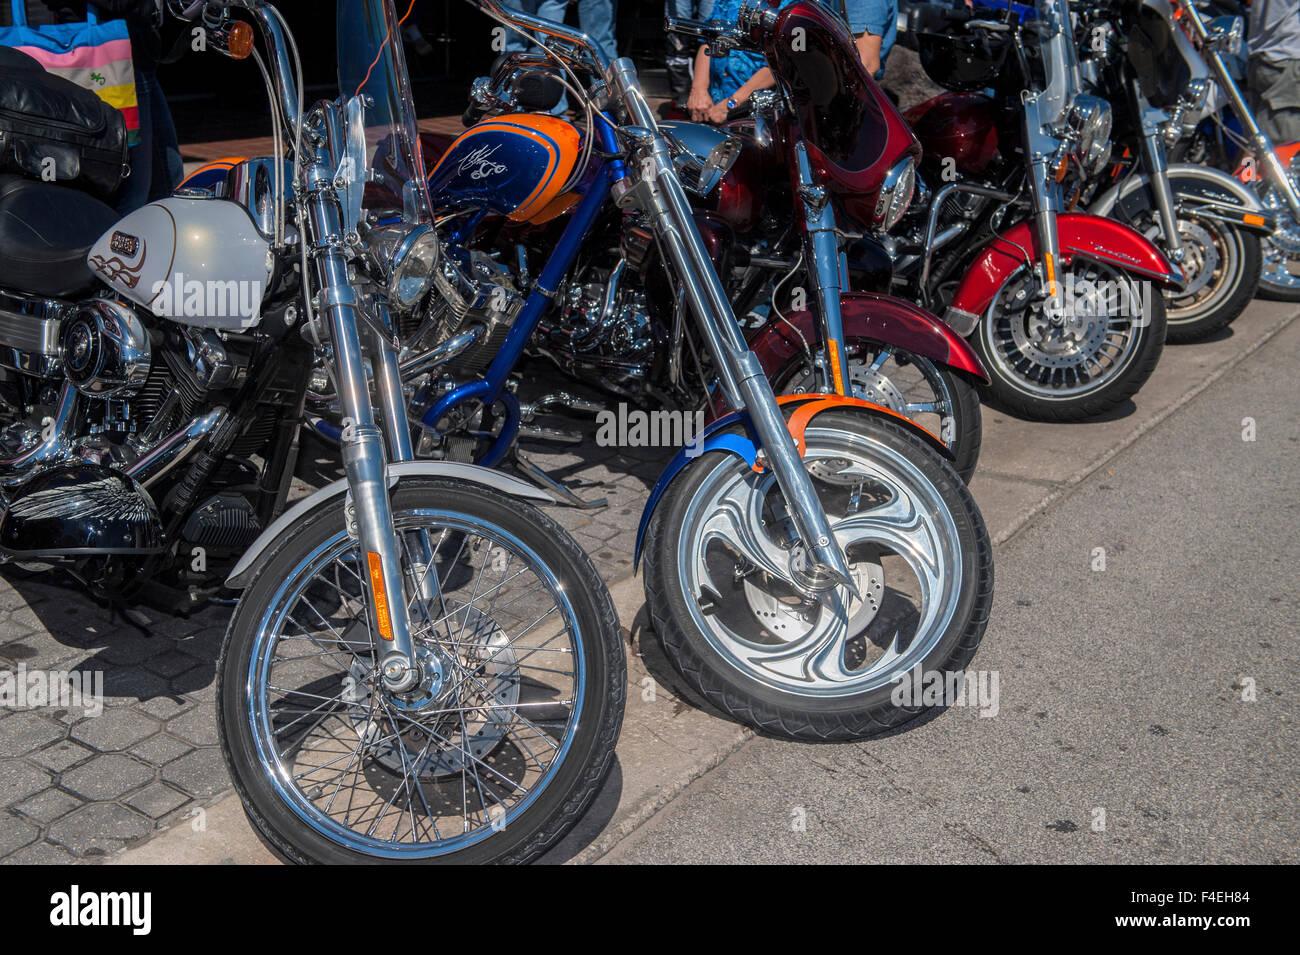 Daytona Beach Bike Week Stock Photos & Daytona Beach Bike ...